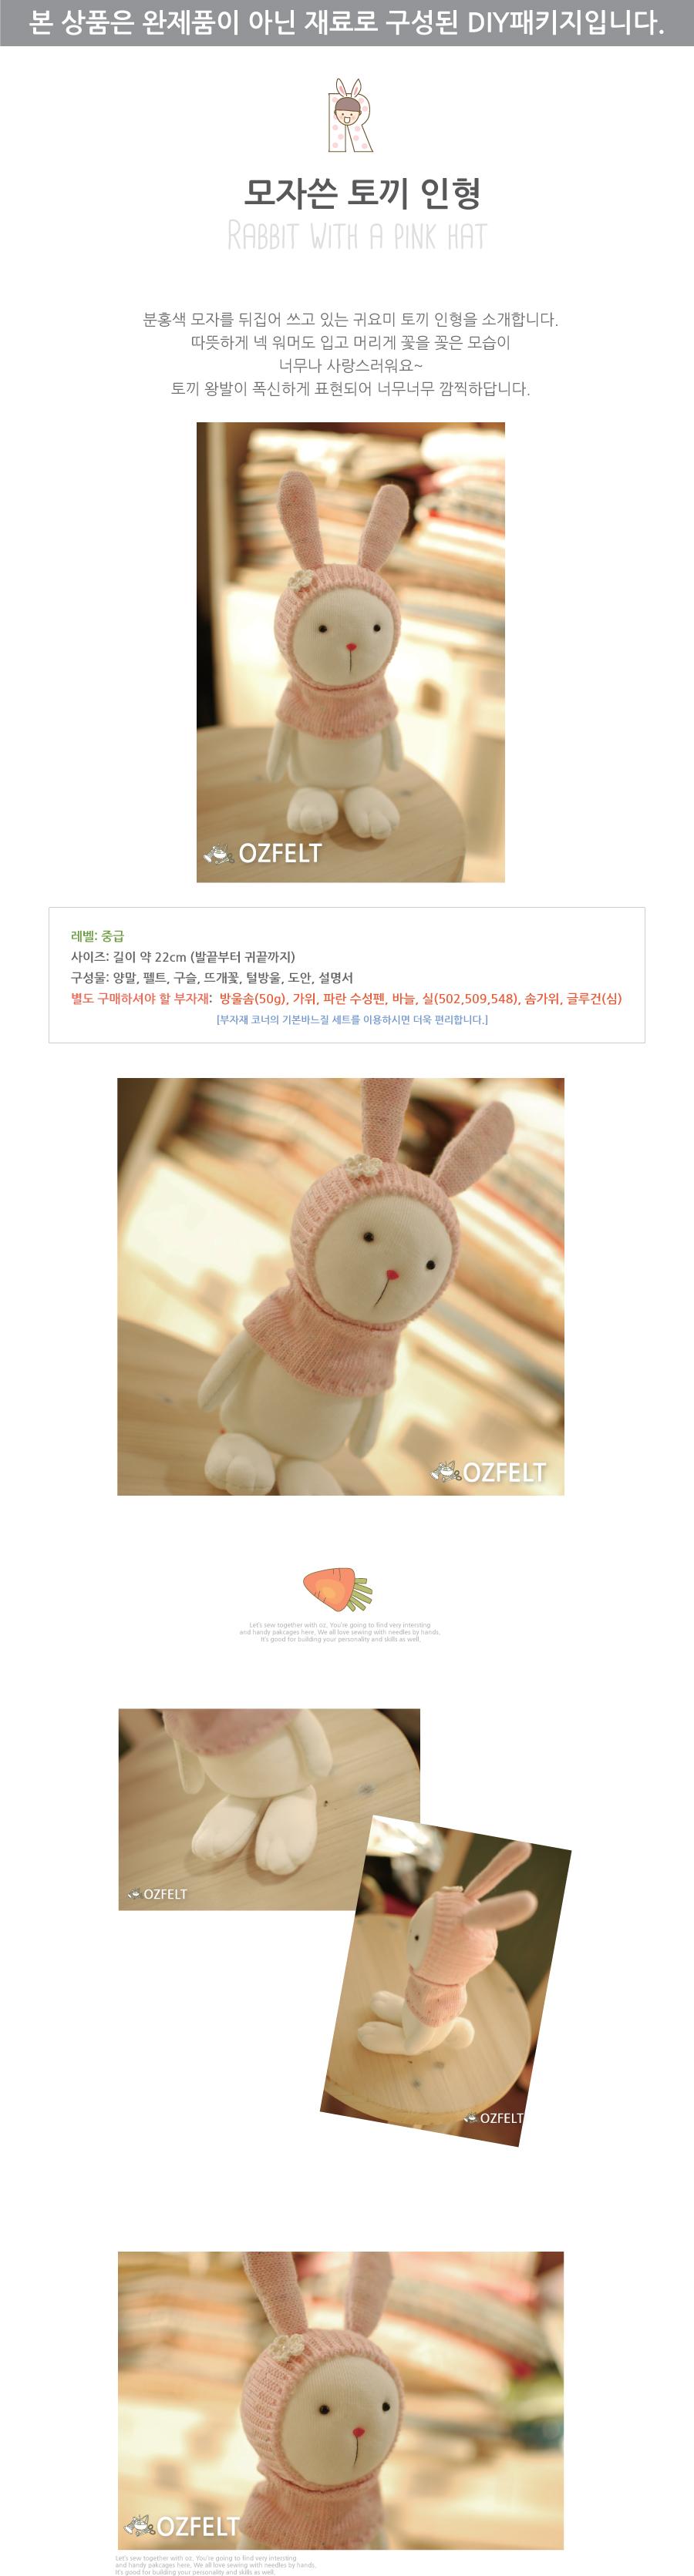 오즈펠트 모자쓴 토끼 양말인형 만들기 DIY - 오즈펠트, 11,900원, 퀼트/원단공예, 인형 패키지